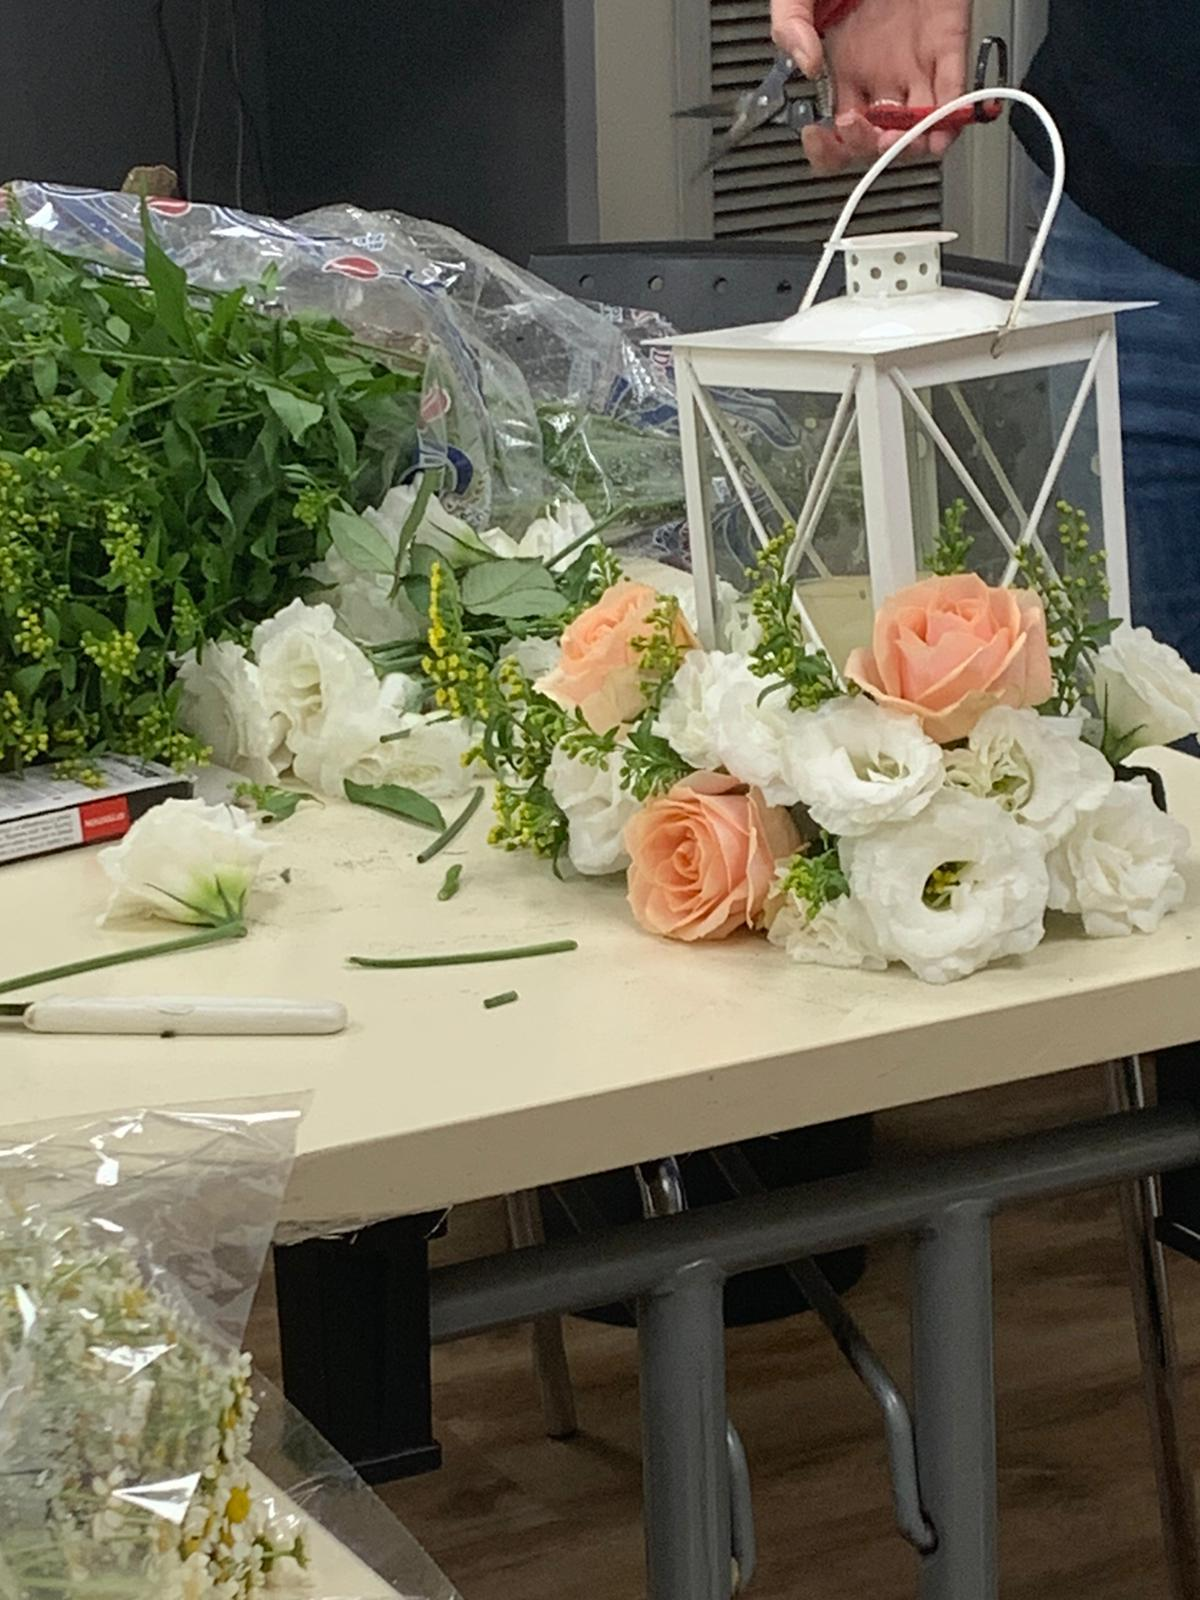 גלרייה - שיעור שזירת פרחים - קורס הפקת אירועים מחזור 24, 13 מתוך 35